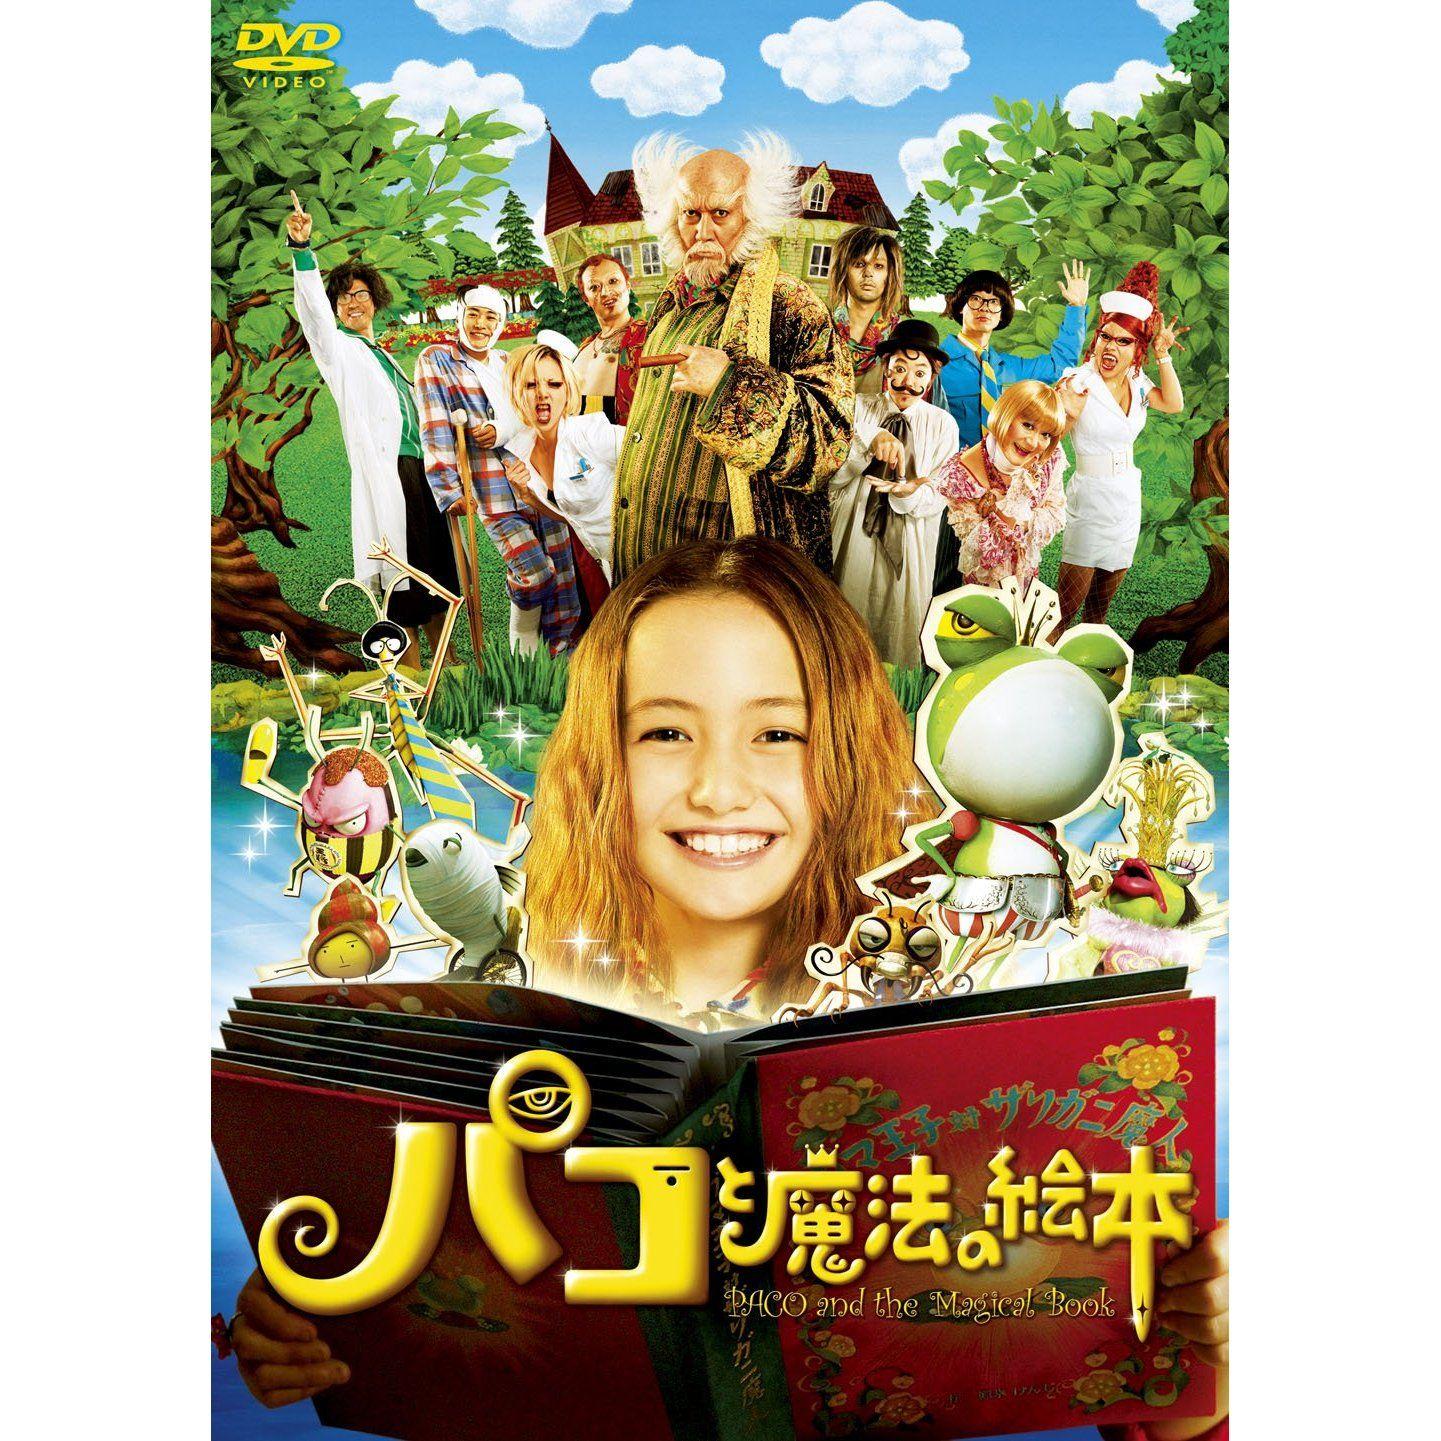 パコと魔法の絵本 パコと魔法の絵本 ファンタジー映画 映画